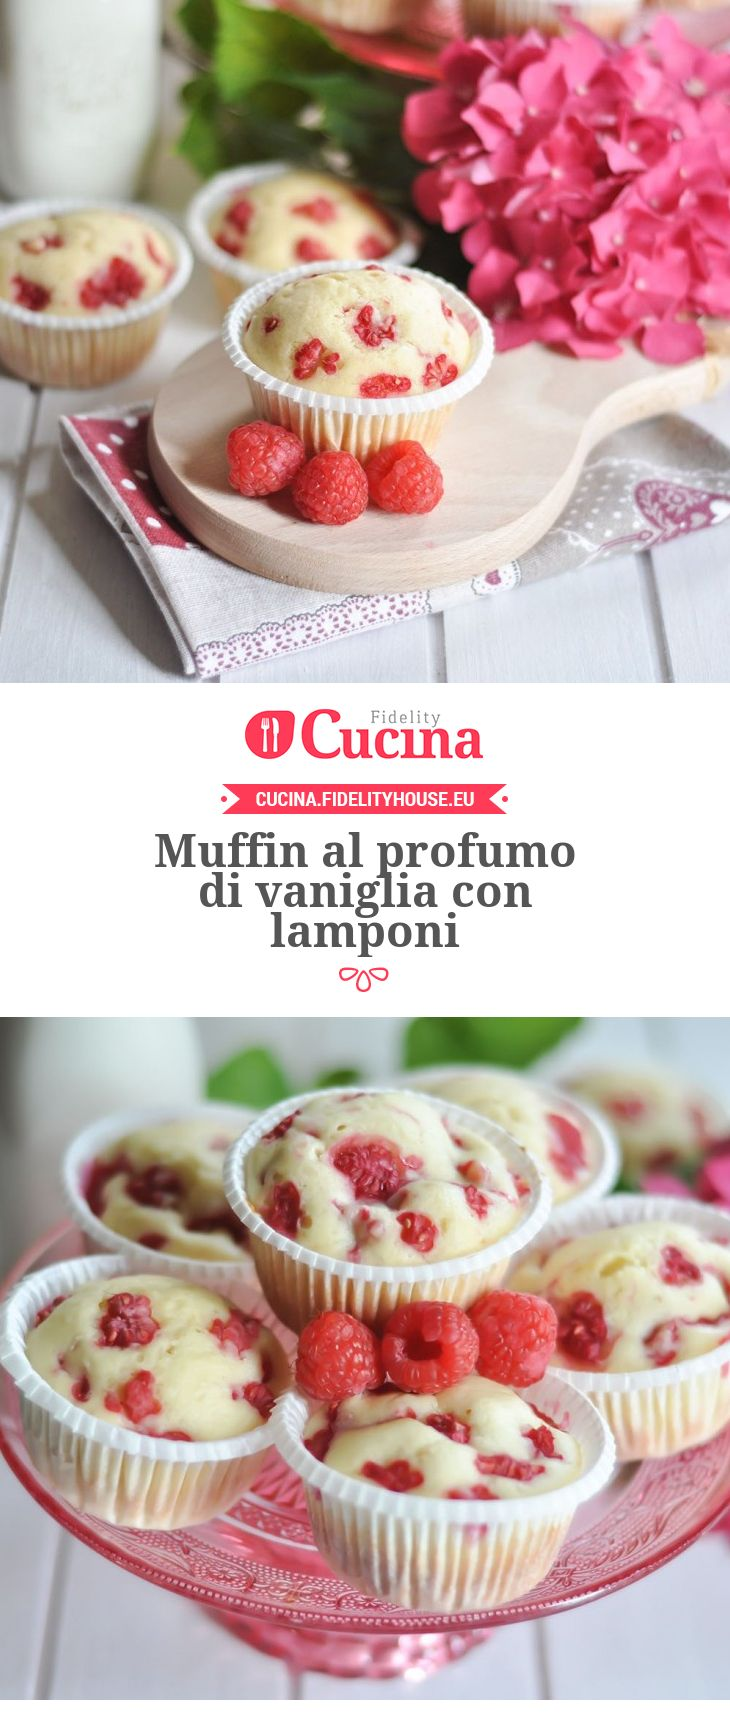 Muffin al profumo di vaniglia con lamponi